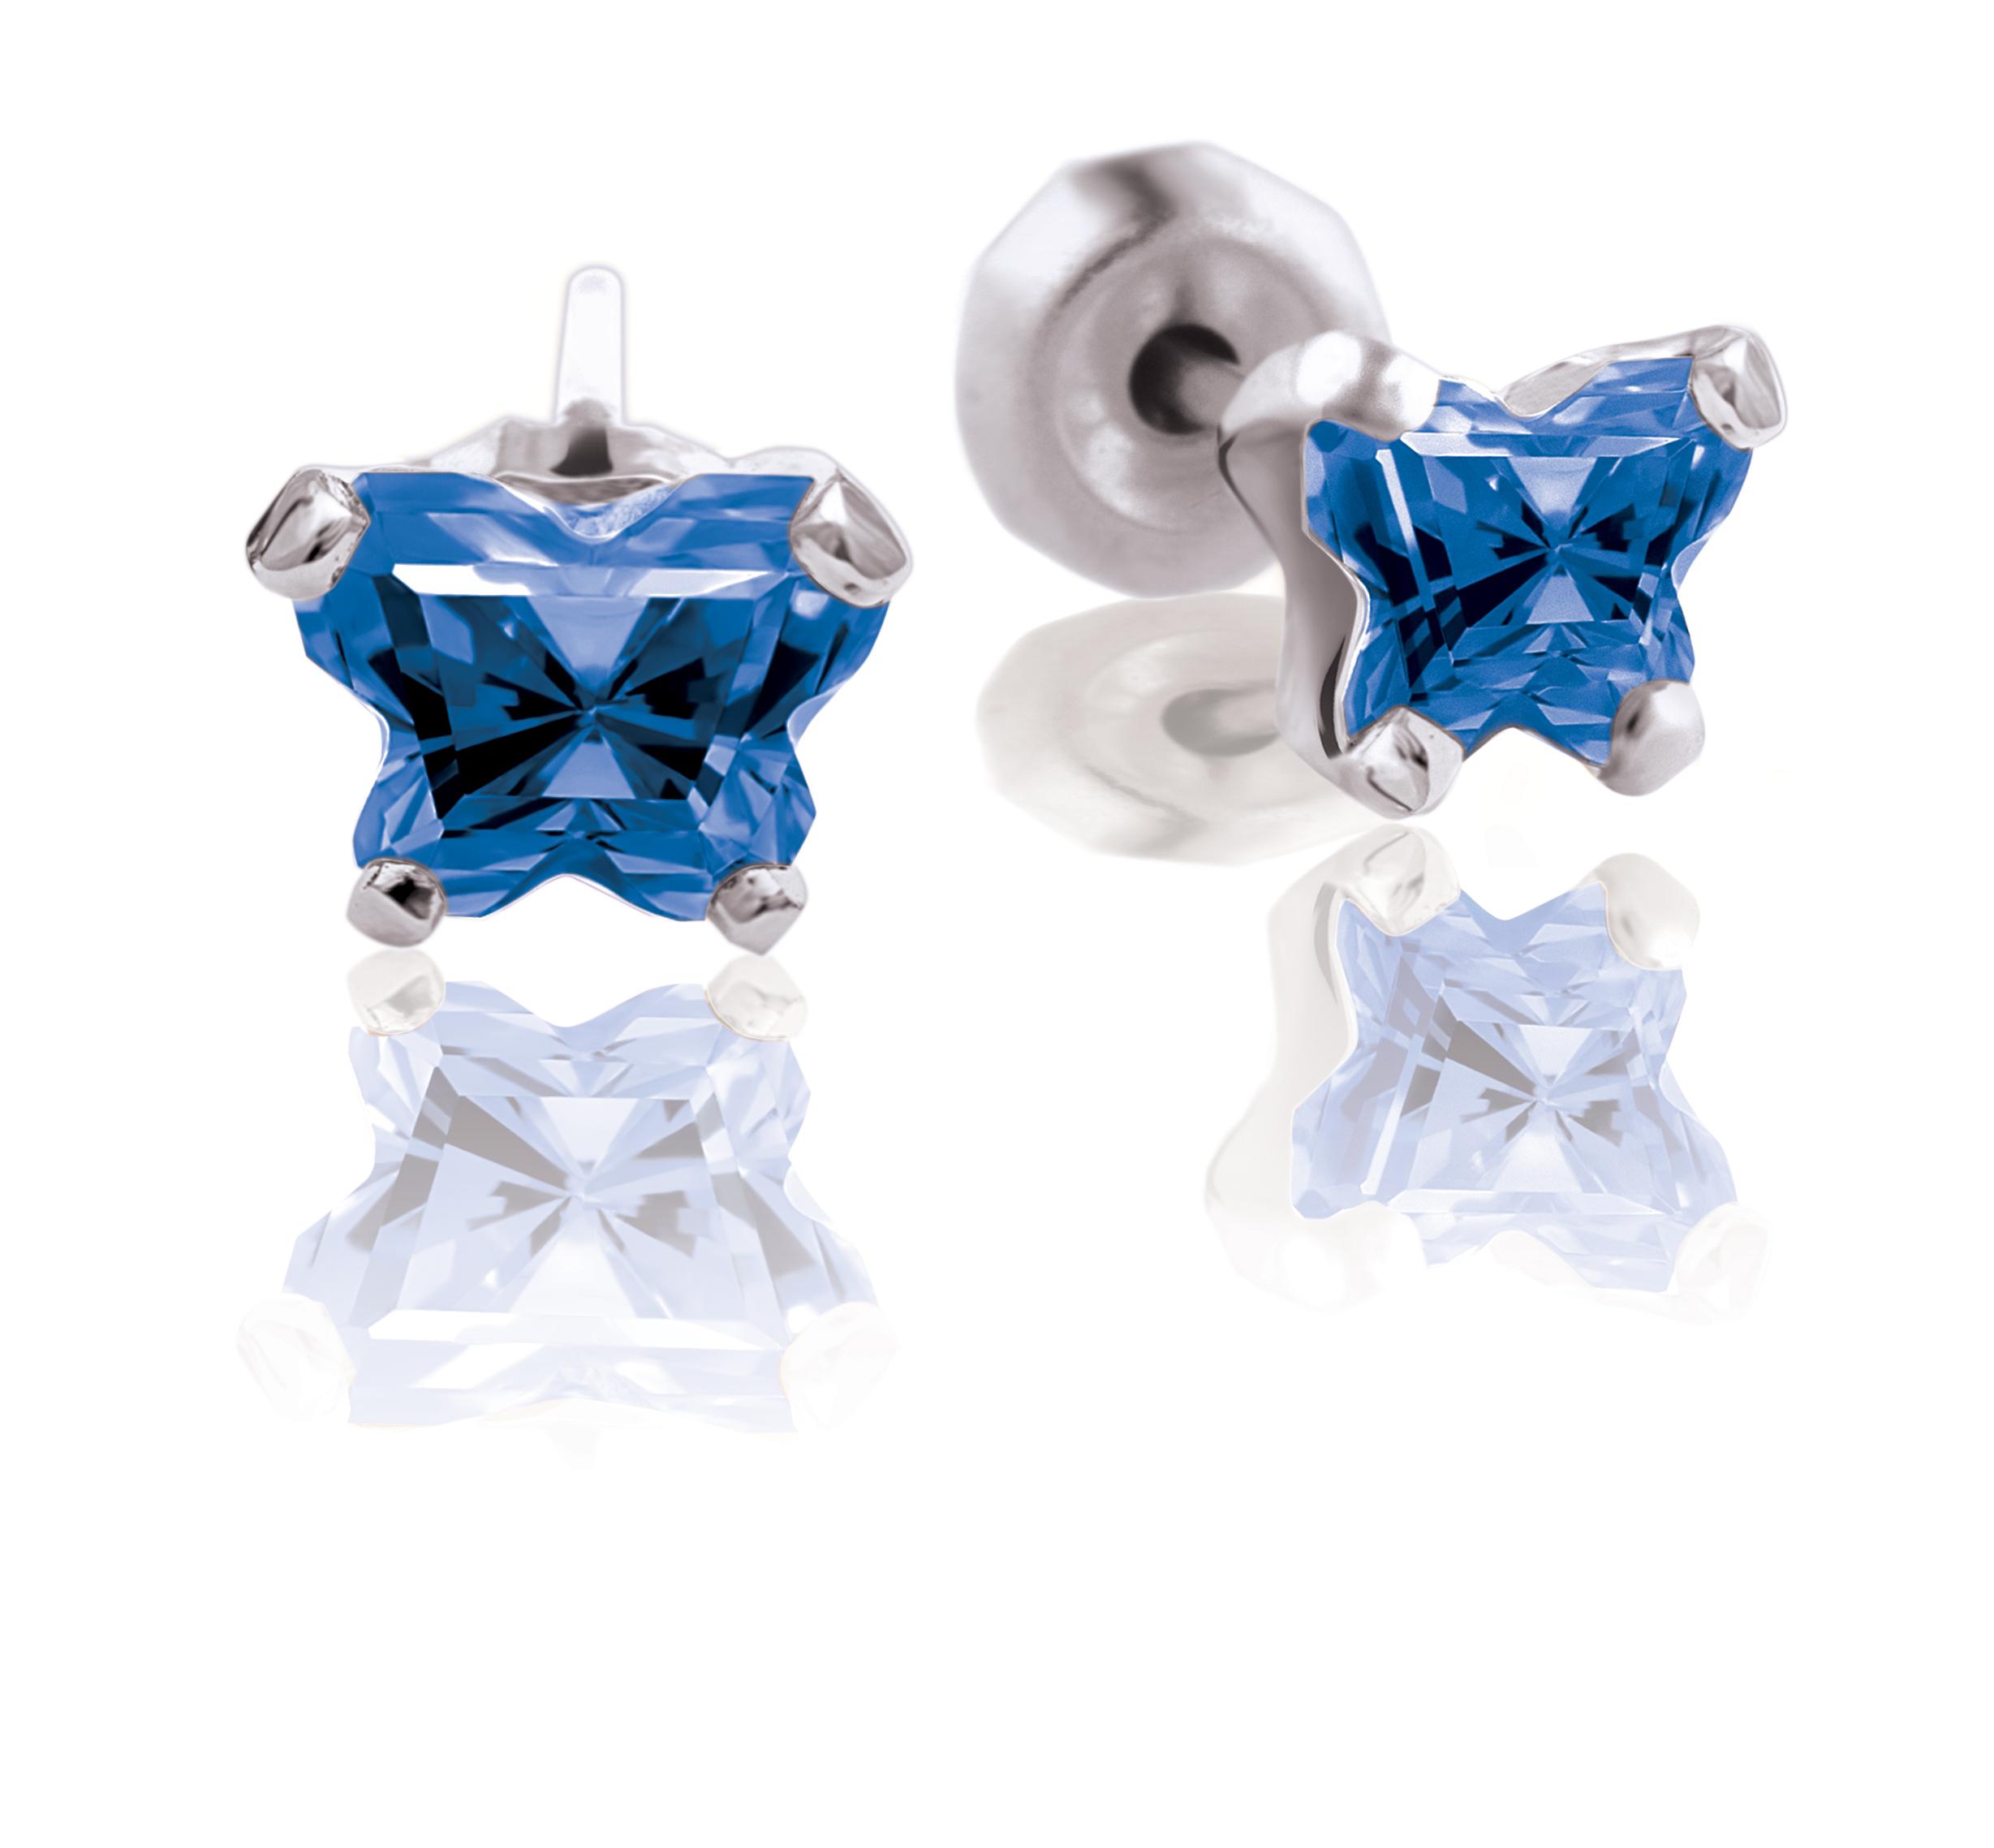 Boucles d'oreilles BFLY à tiges fixes  pour bébé - Argent sterling & zircons cubiques bleu marin (mois de septembre)